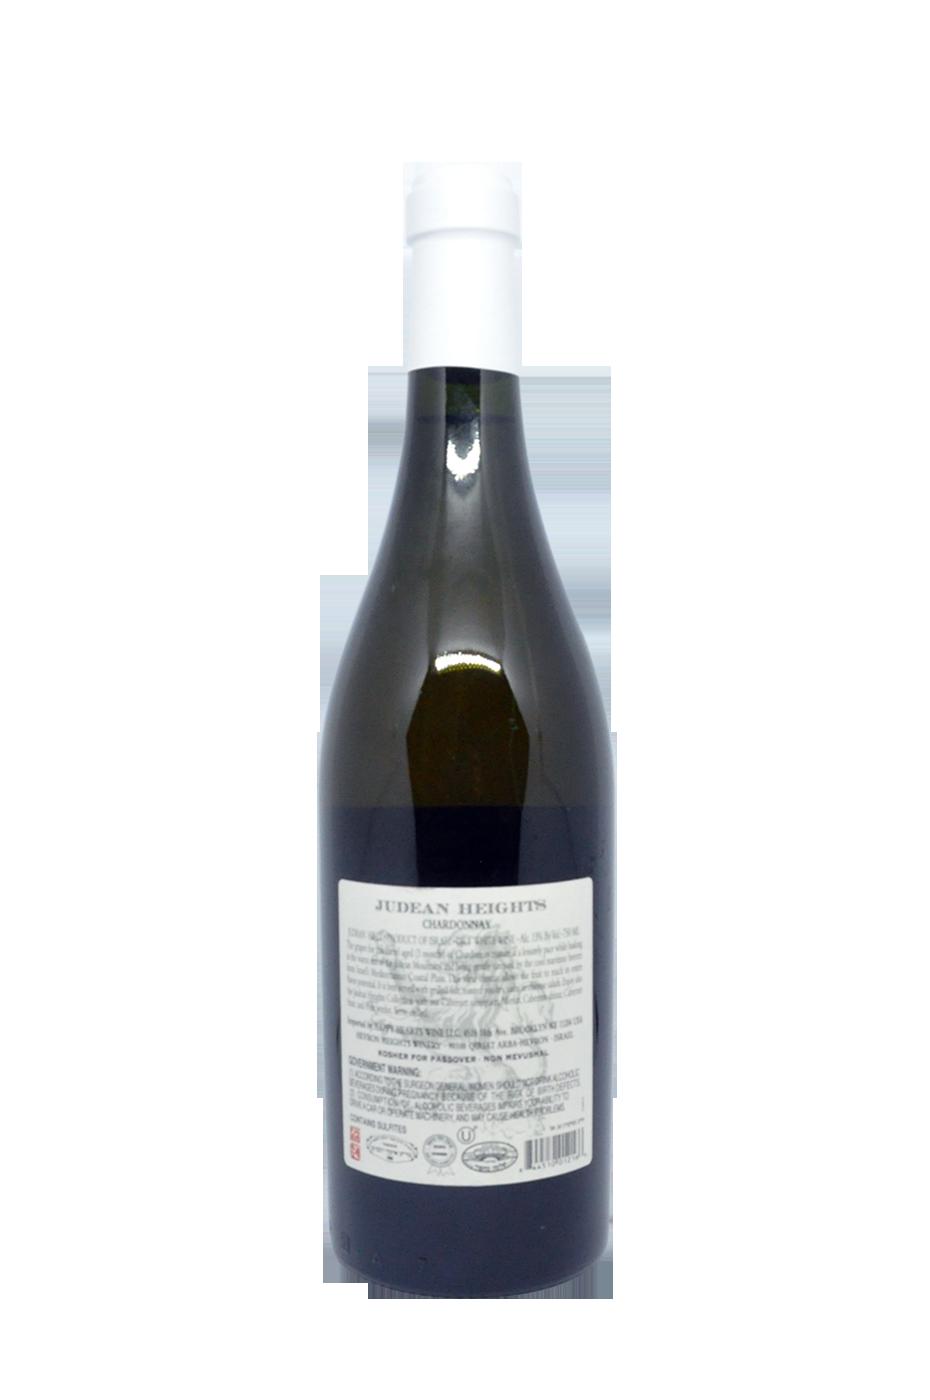 Judean Heights Chardonnay